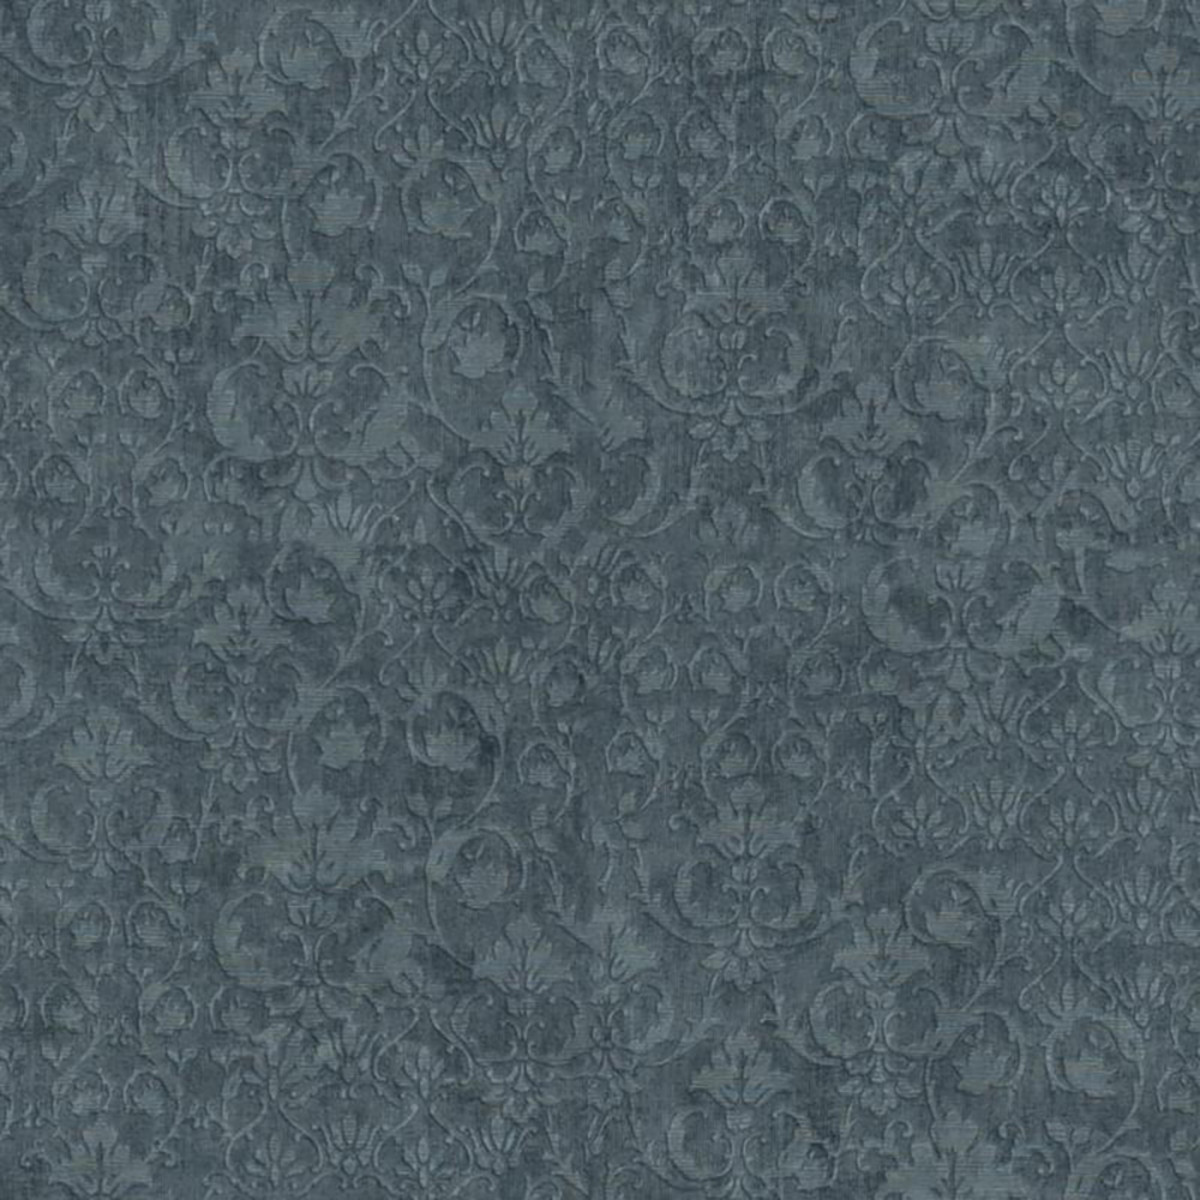 Обои флизелиновые Мир Авангард синие 1.06 м 46-127-02